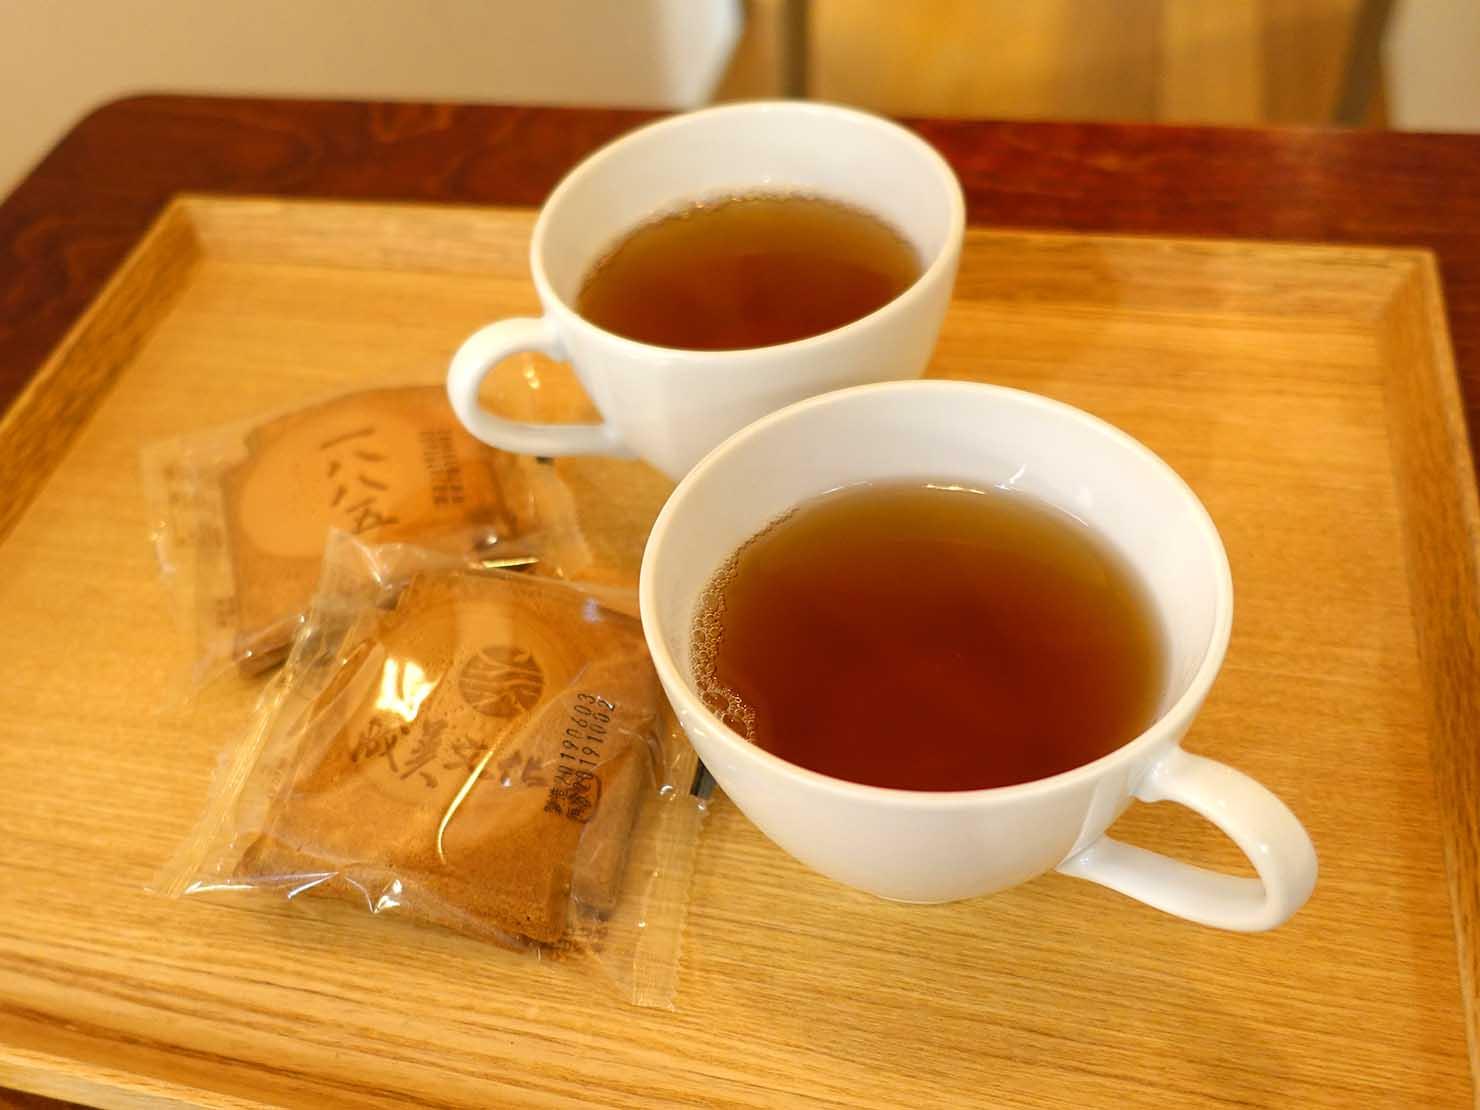 台北の街に佇む日本式古民家の図書館「文房 Chapter」でふるまわれたお茶とお菓子